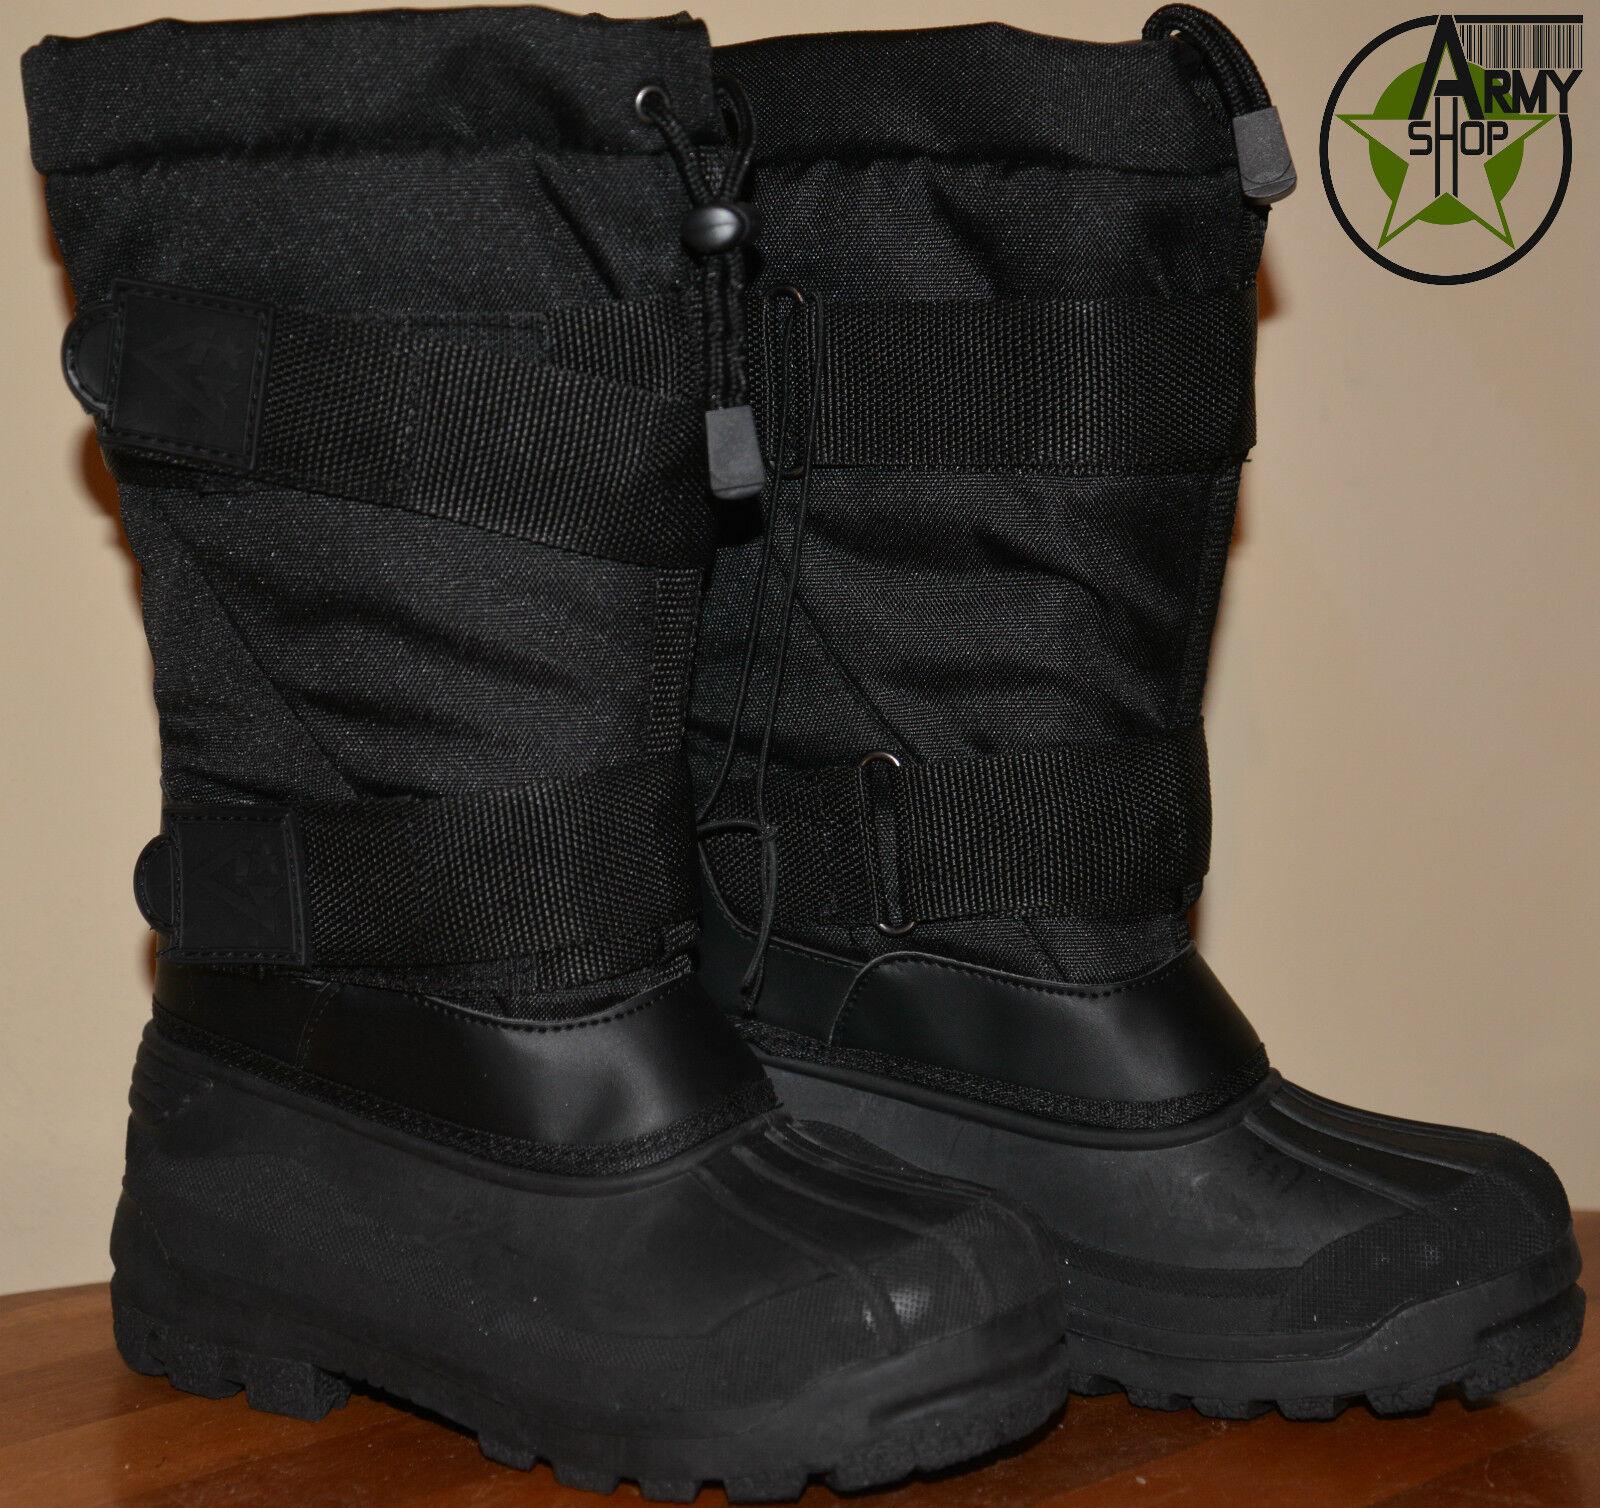 Zapatos de mujer baratos zapatos de mujer Arctic botas botas de invierno botas de nieve snow Boots apres ski botas forradas